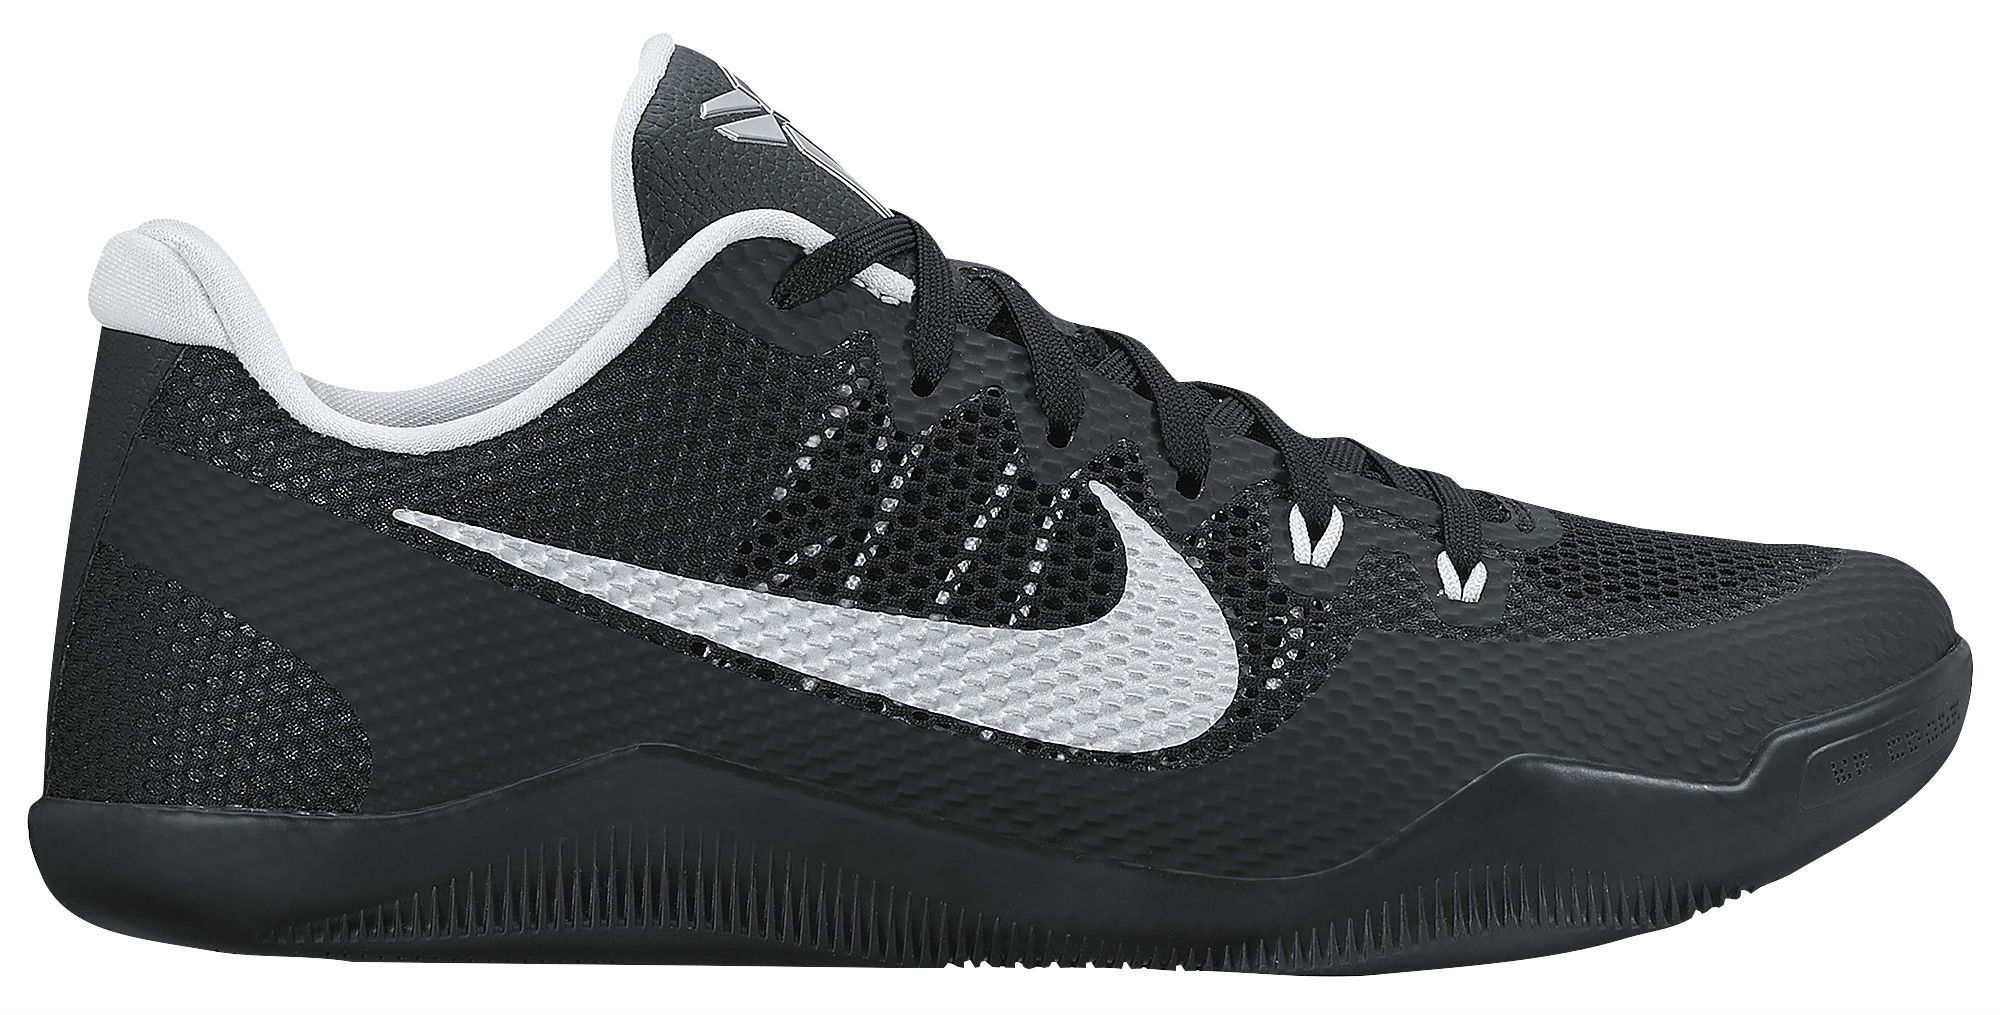 premium selection 9e5ed e91e8 Nike Kobe 11 Team Bank Black